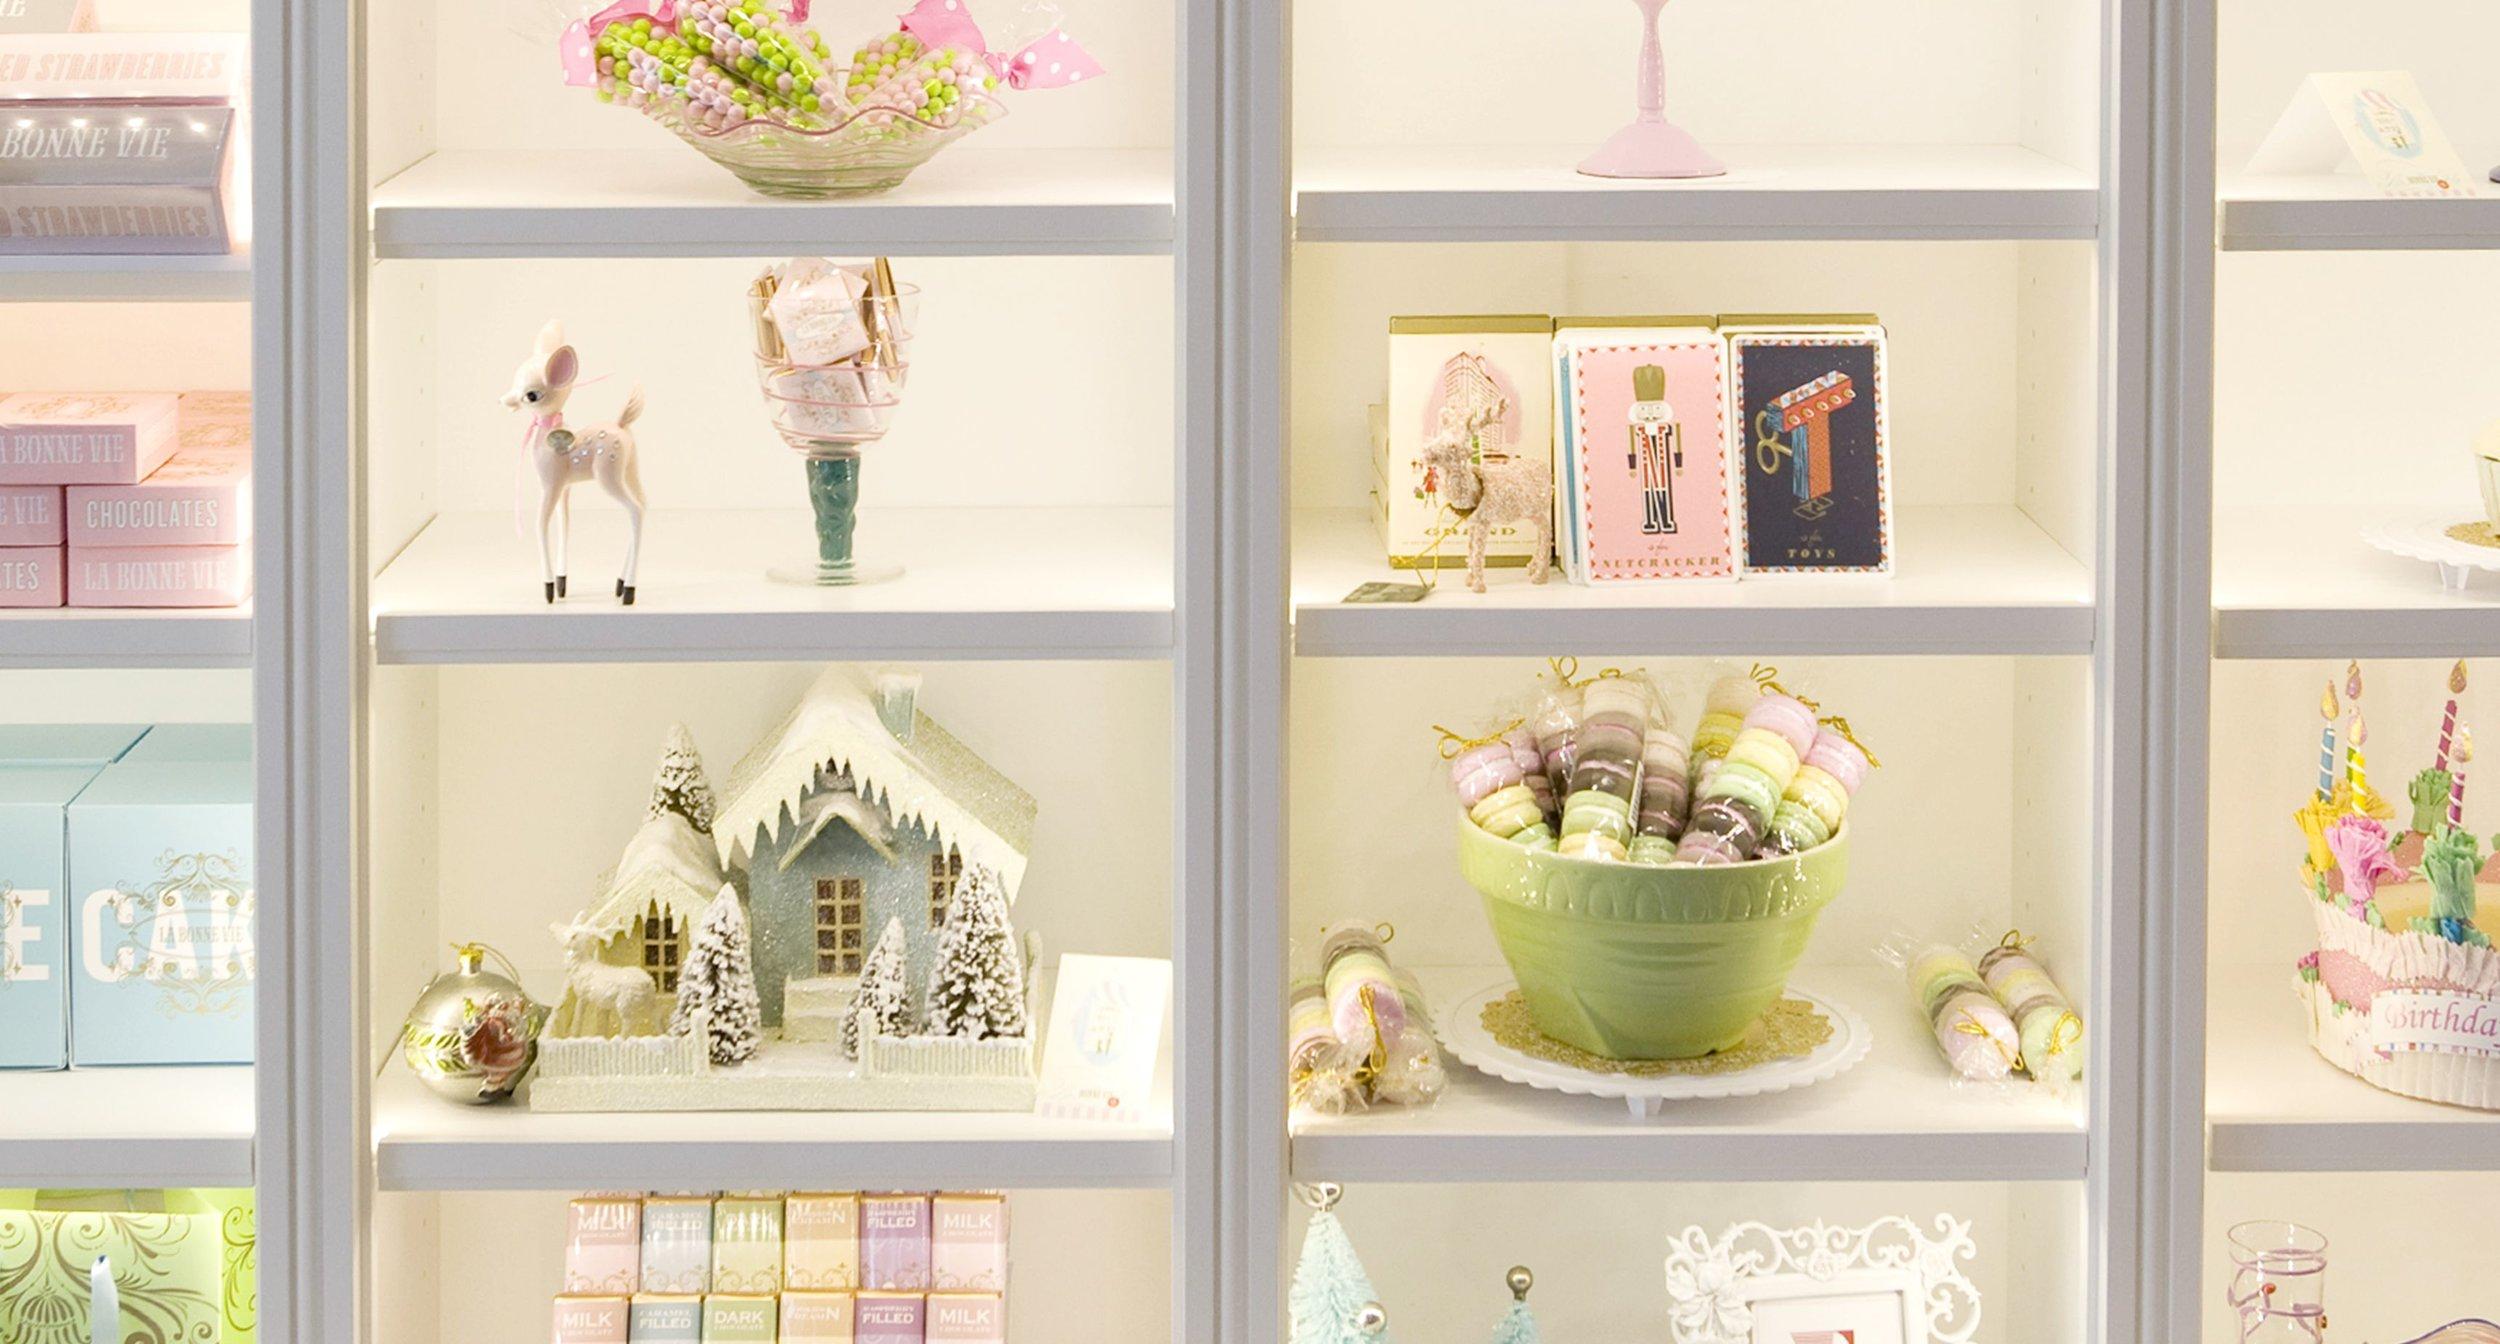 La Bonne Vie Decorated Shelves